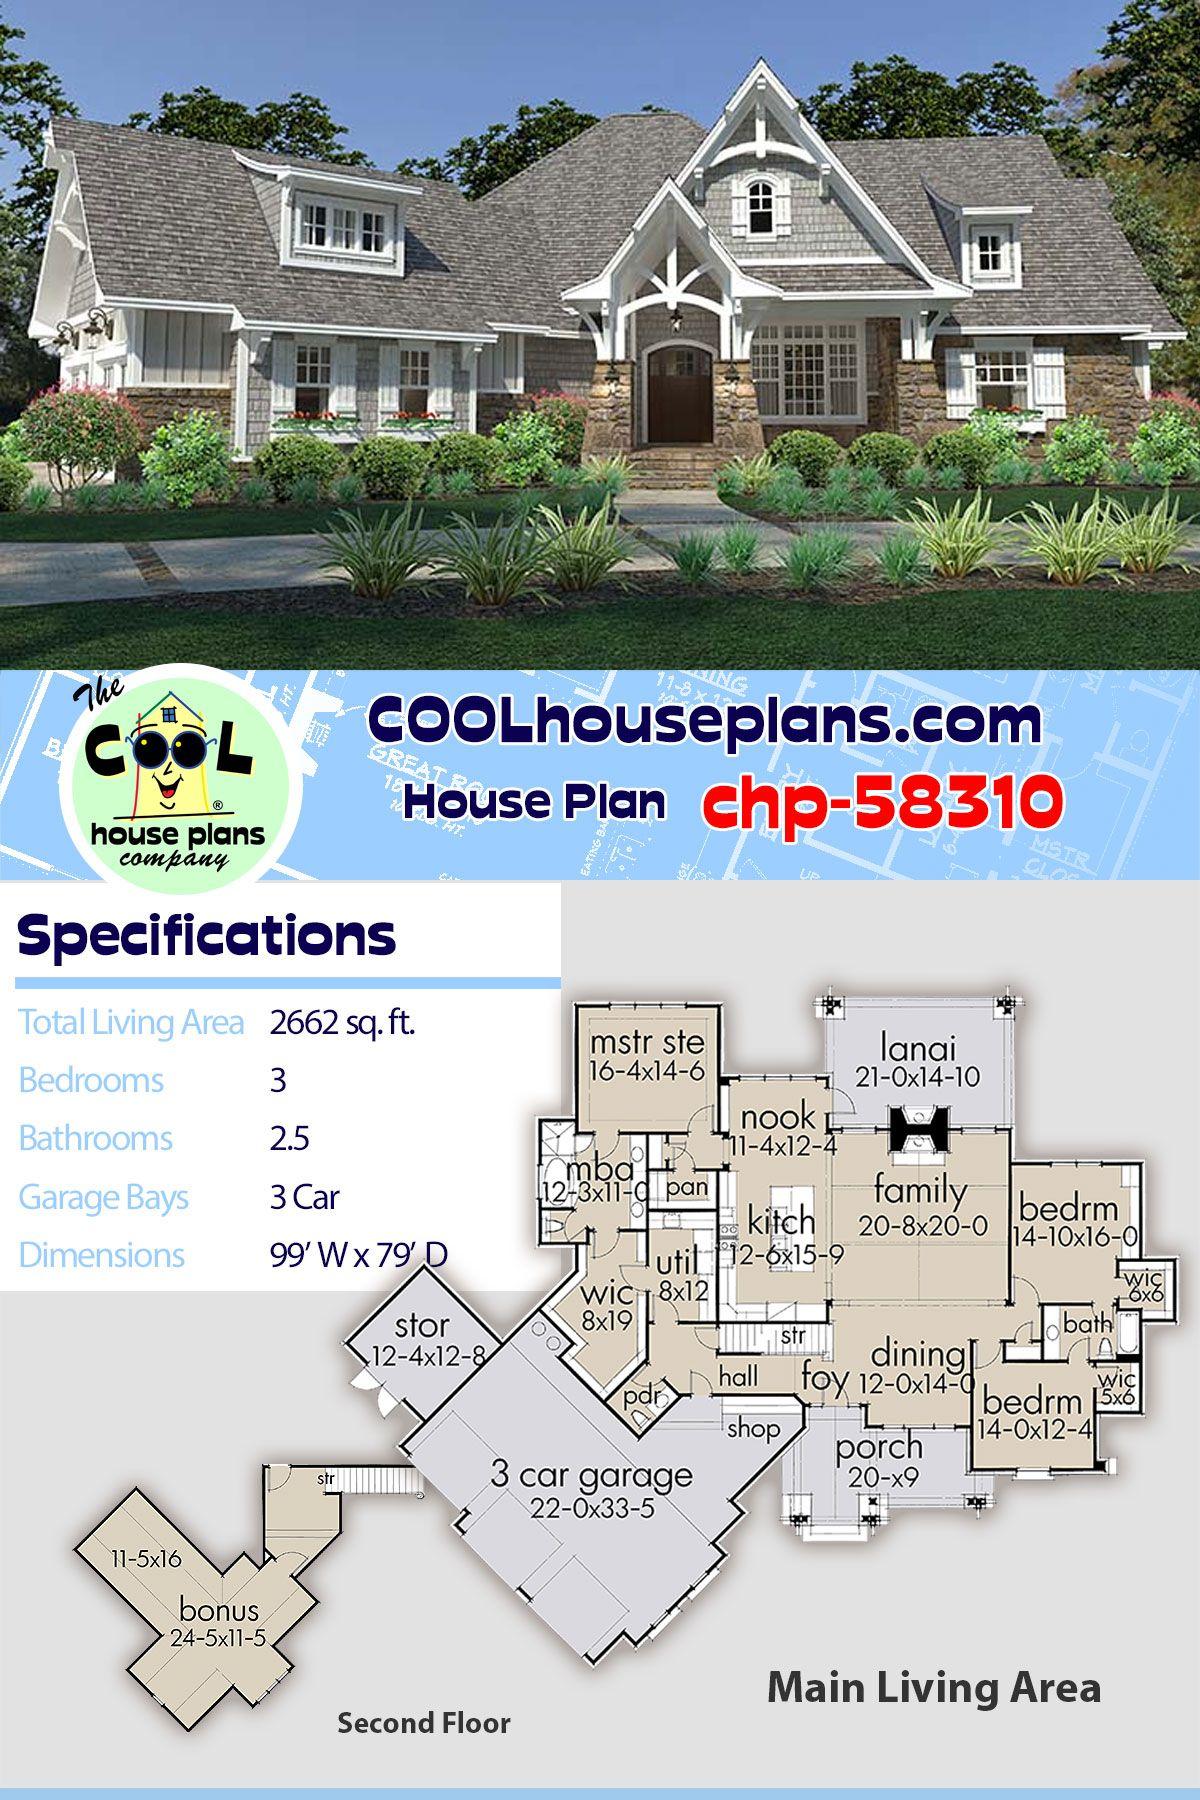 Farmhouse Style House Plan 75149 With 3 Bed 3 Bath 3 Car Garage Craftsman House Plans Best House Plans Farmhouse Style House Plans